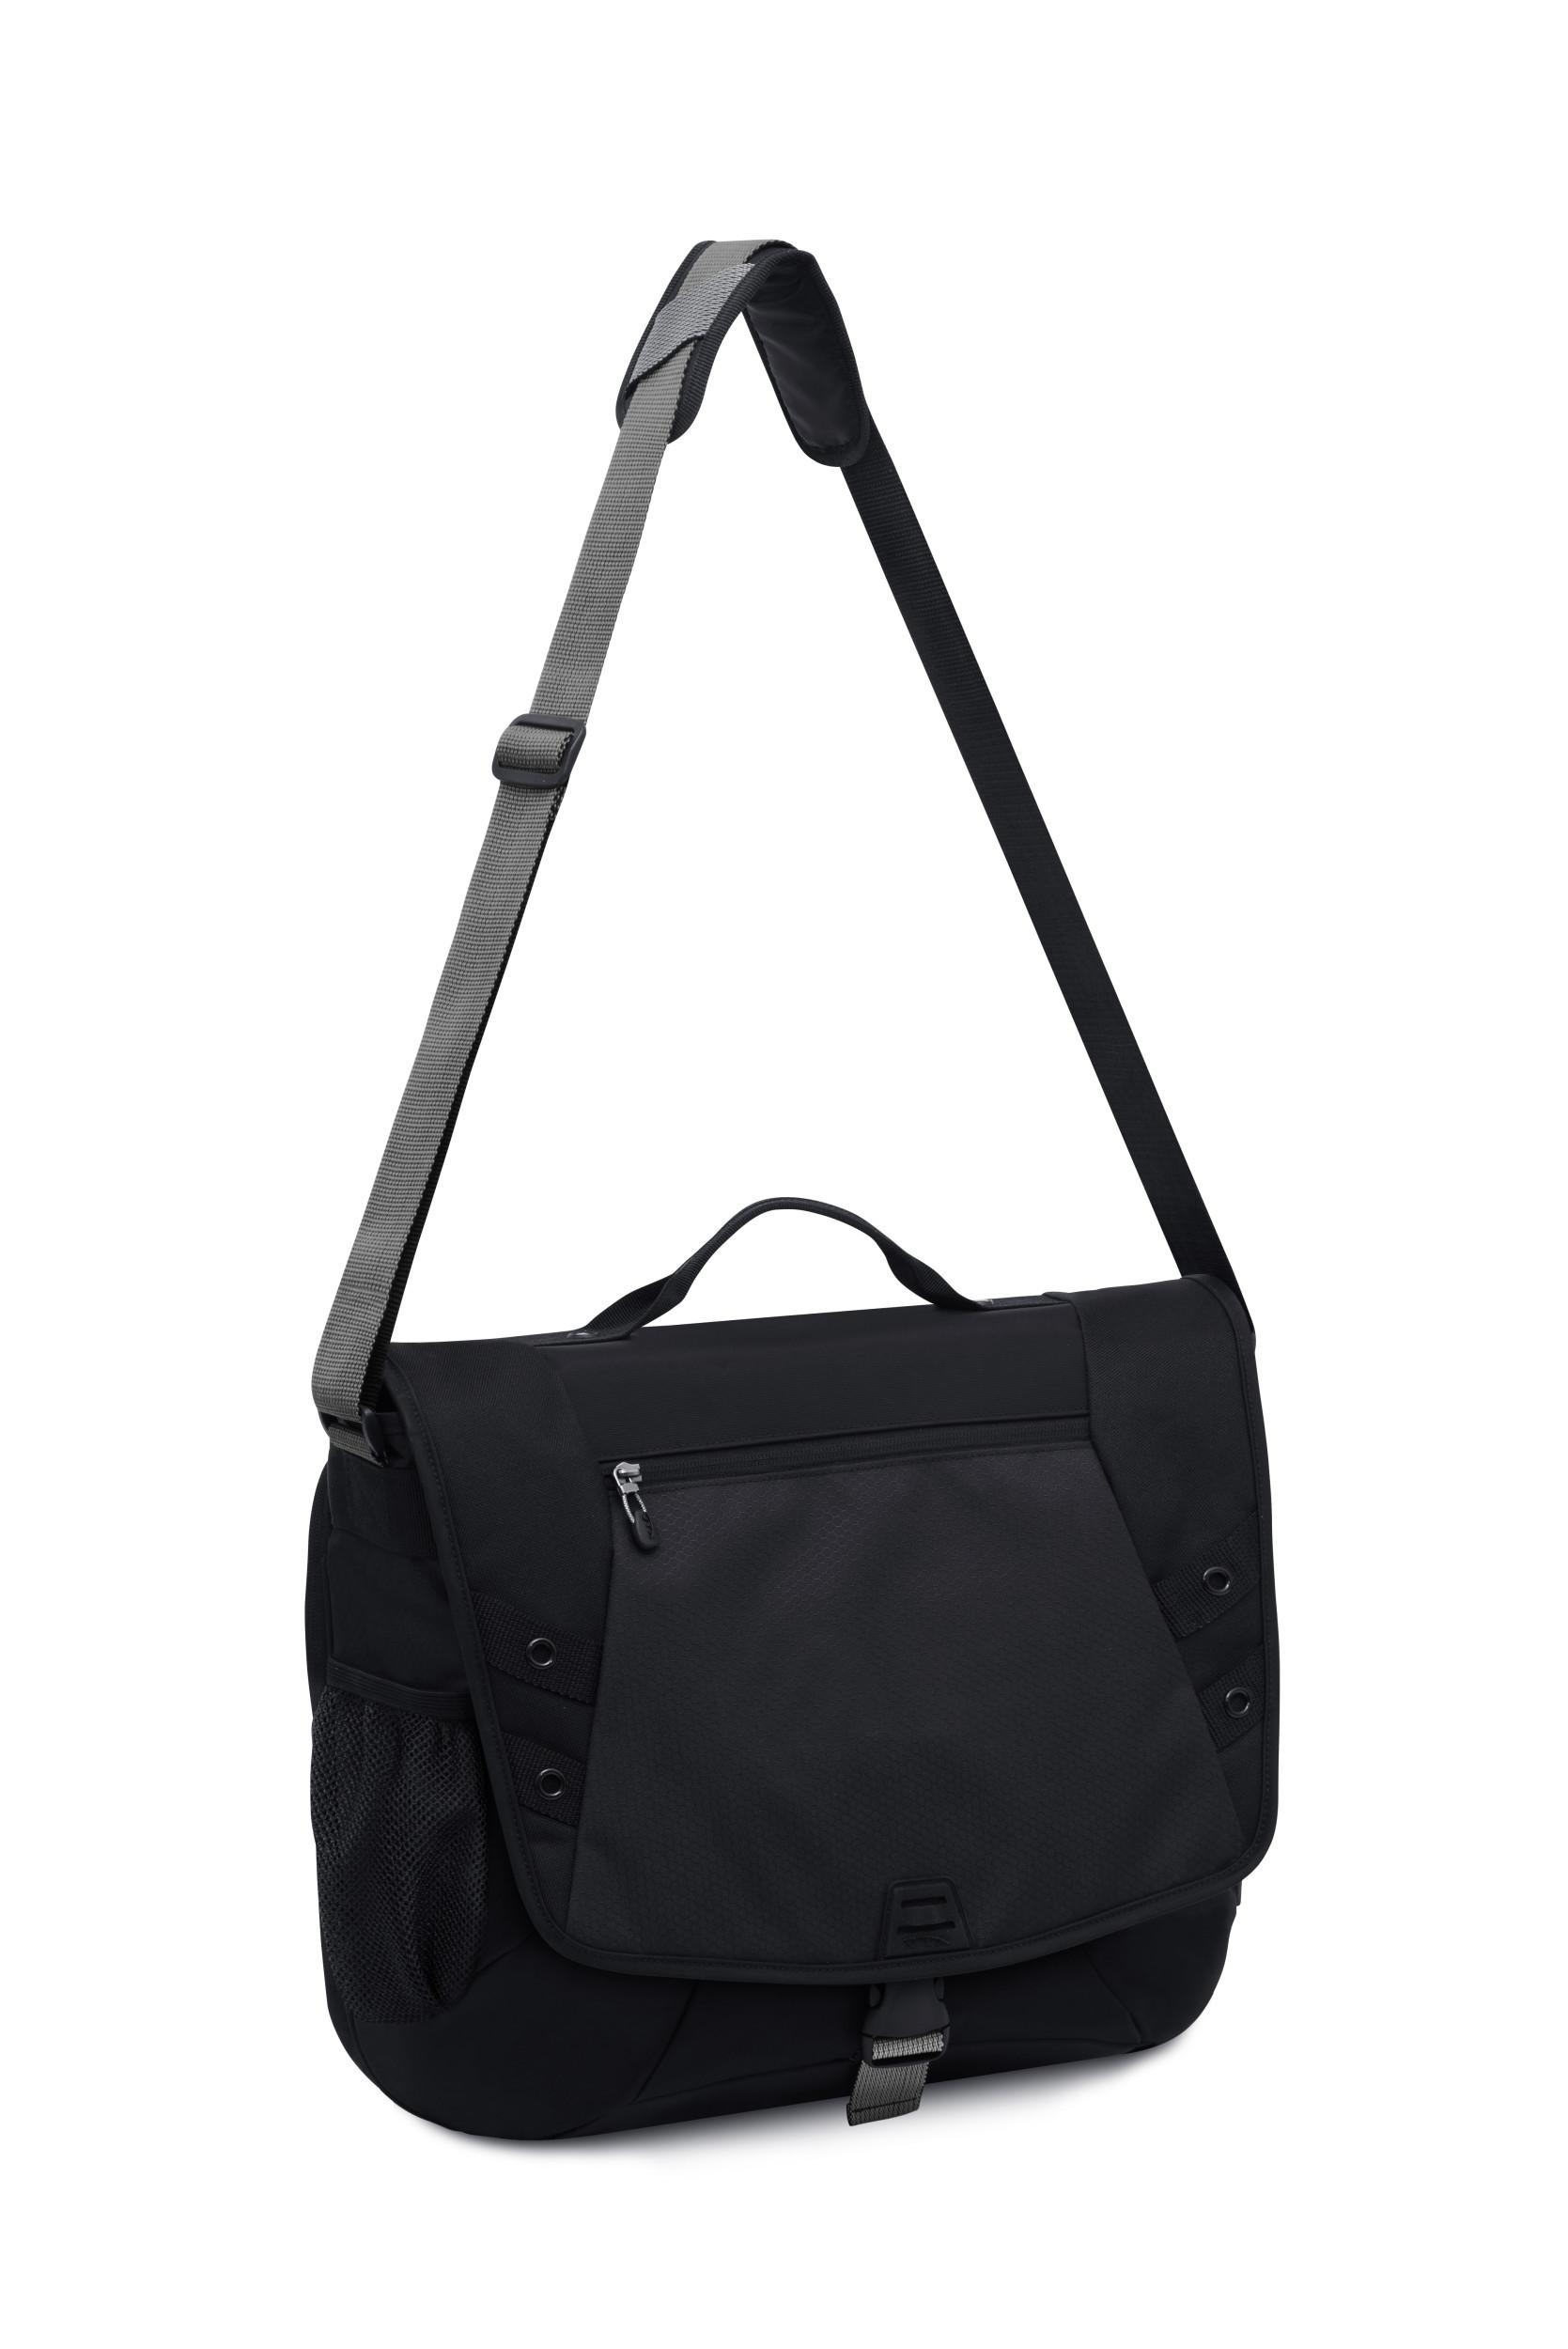 Vertex 5382 - Condor Computer Messenger Bag